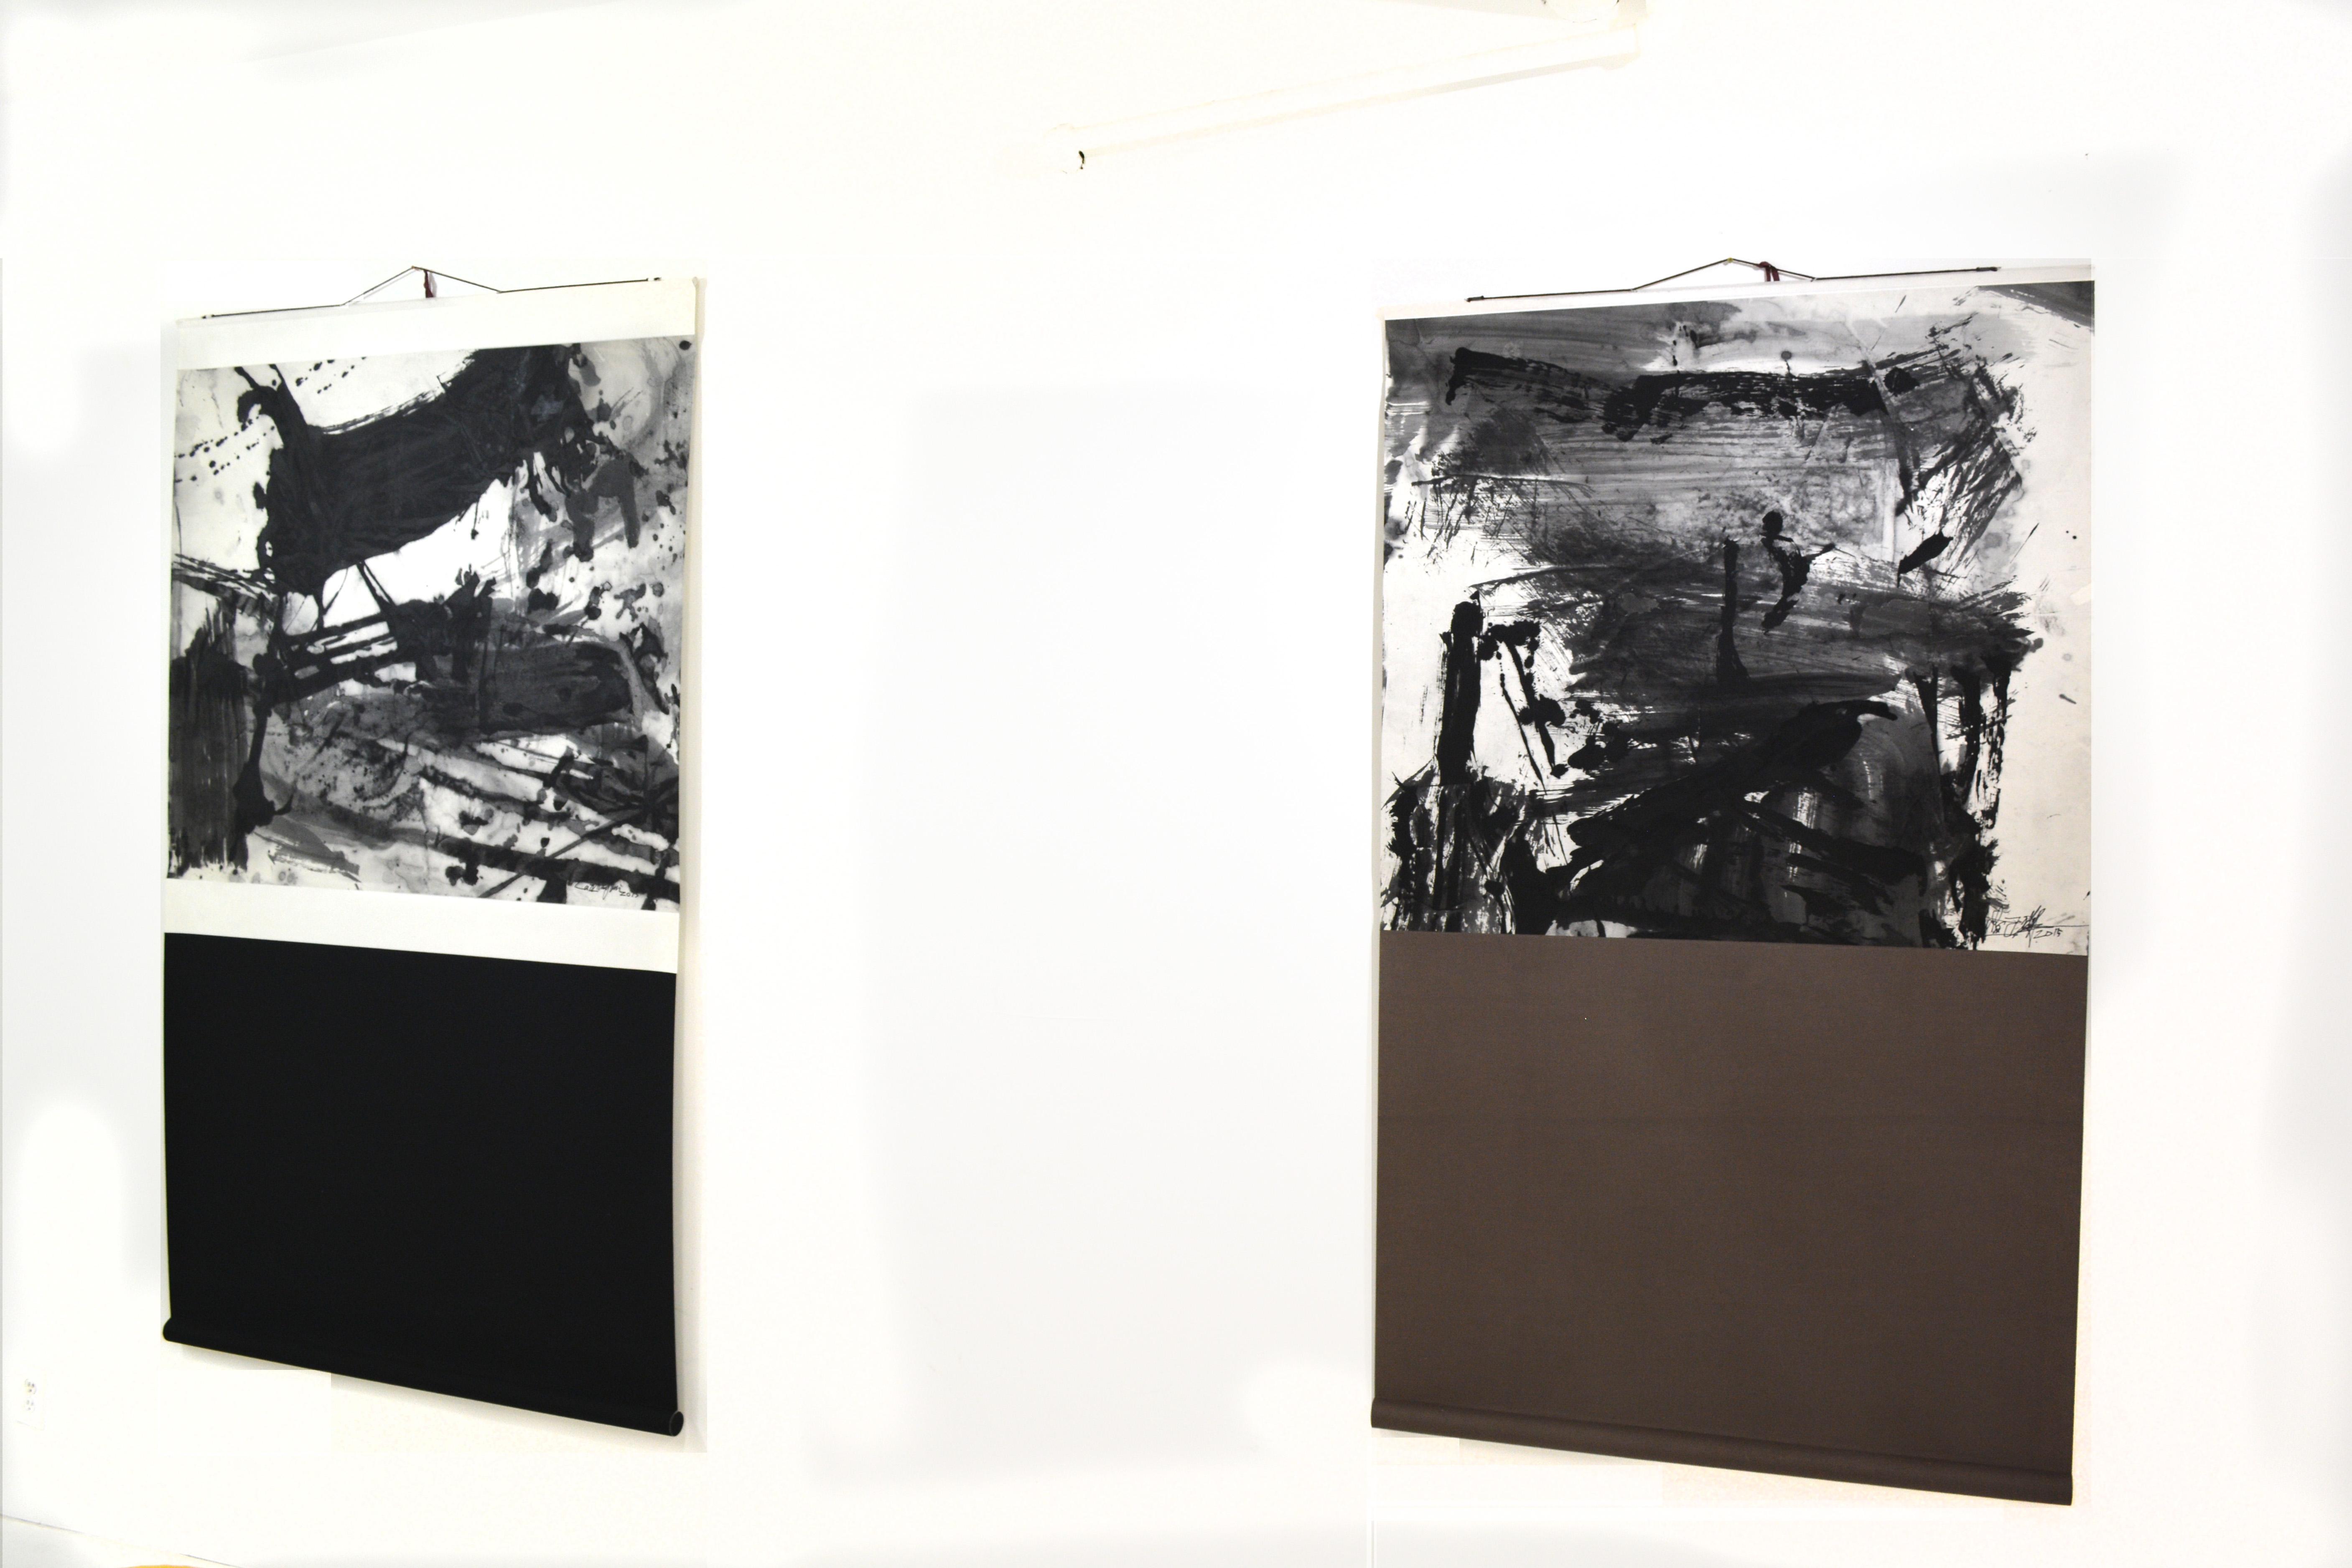 LAN ZHENGHUI: RE-THINK INK LANDSCAPE